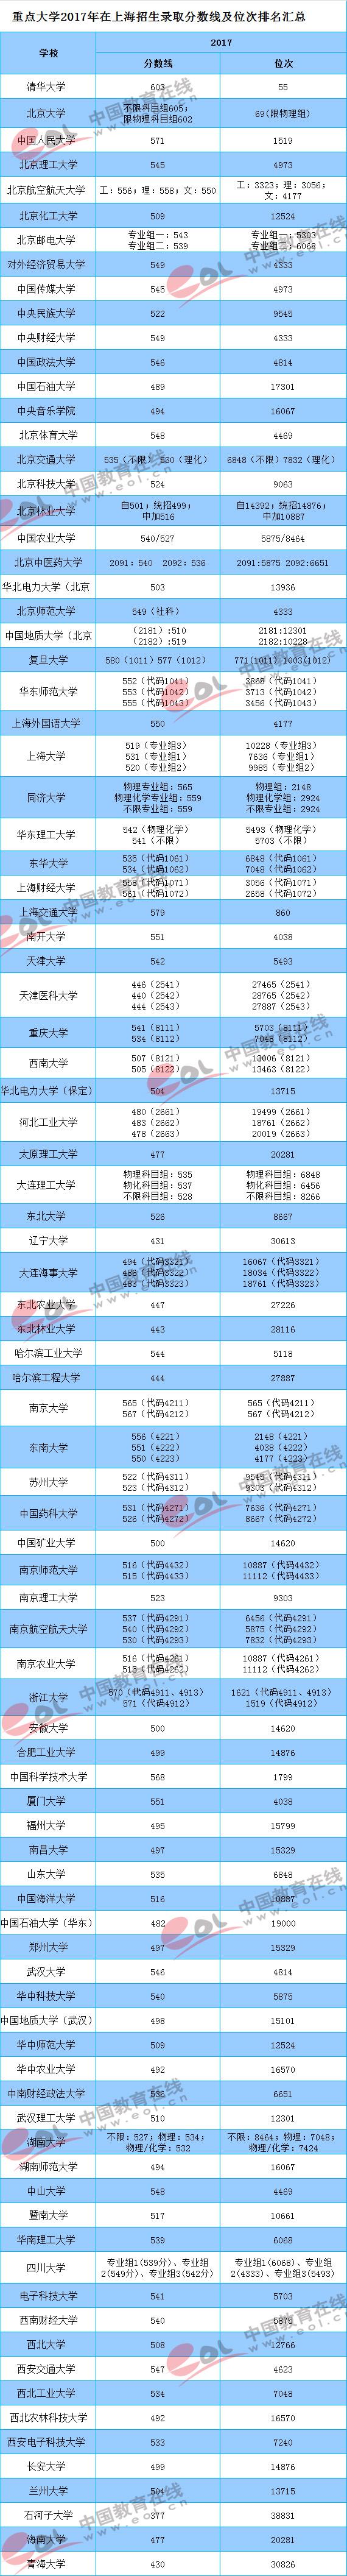 2017重点大学在上海招生录取分数线汇总